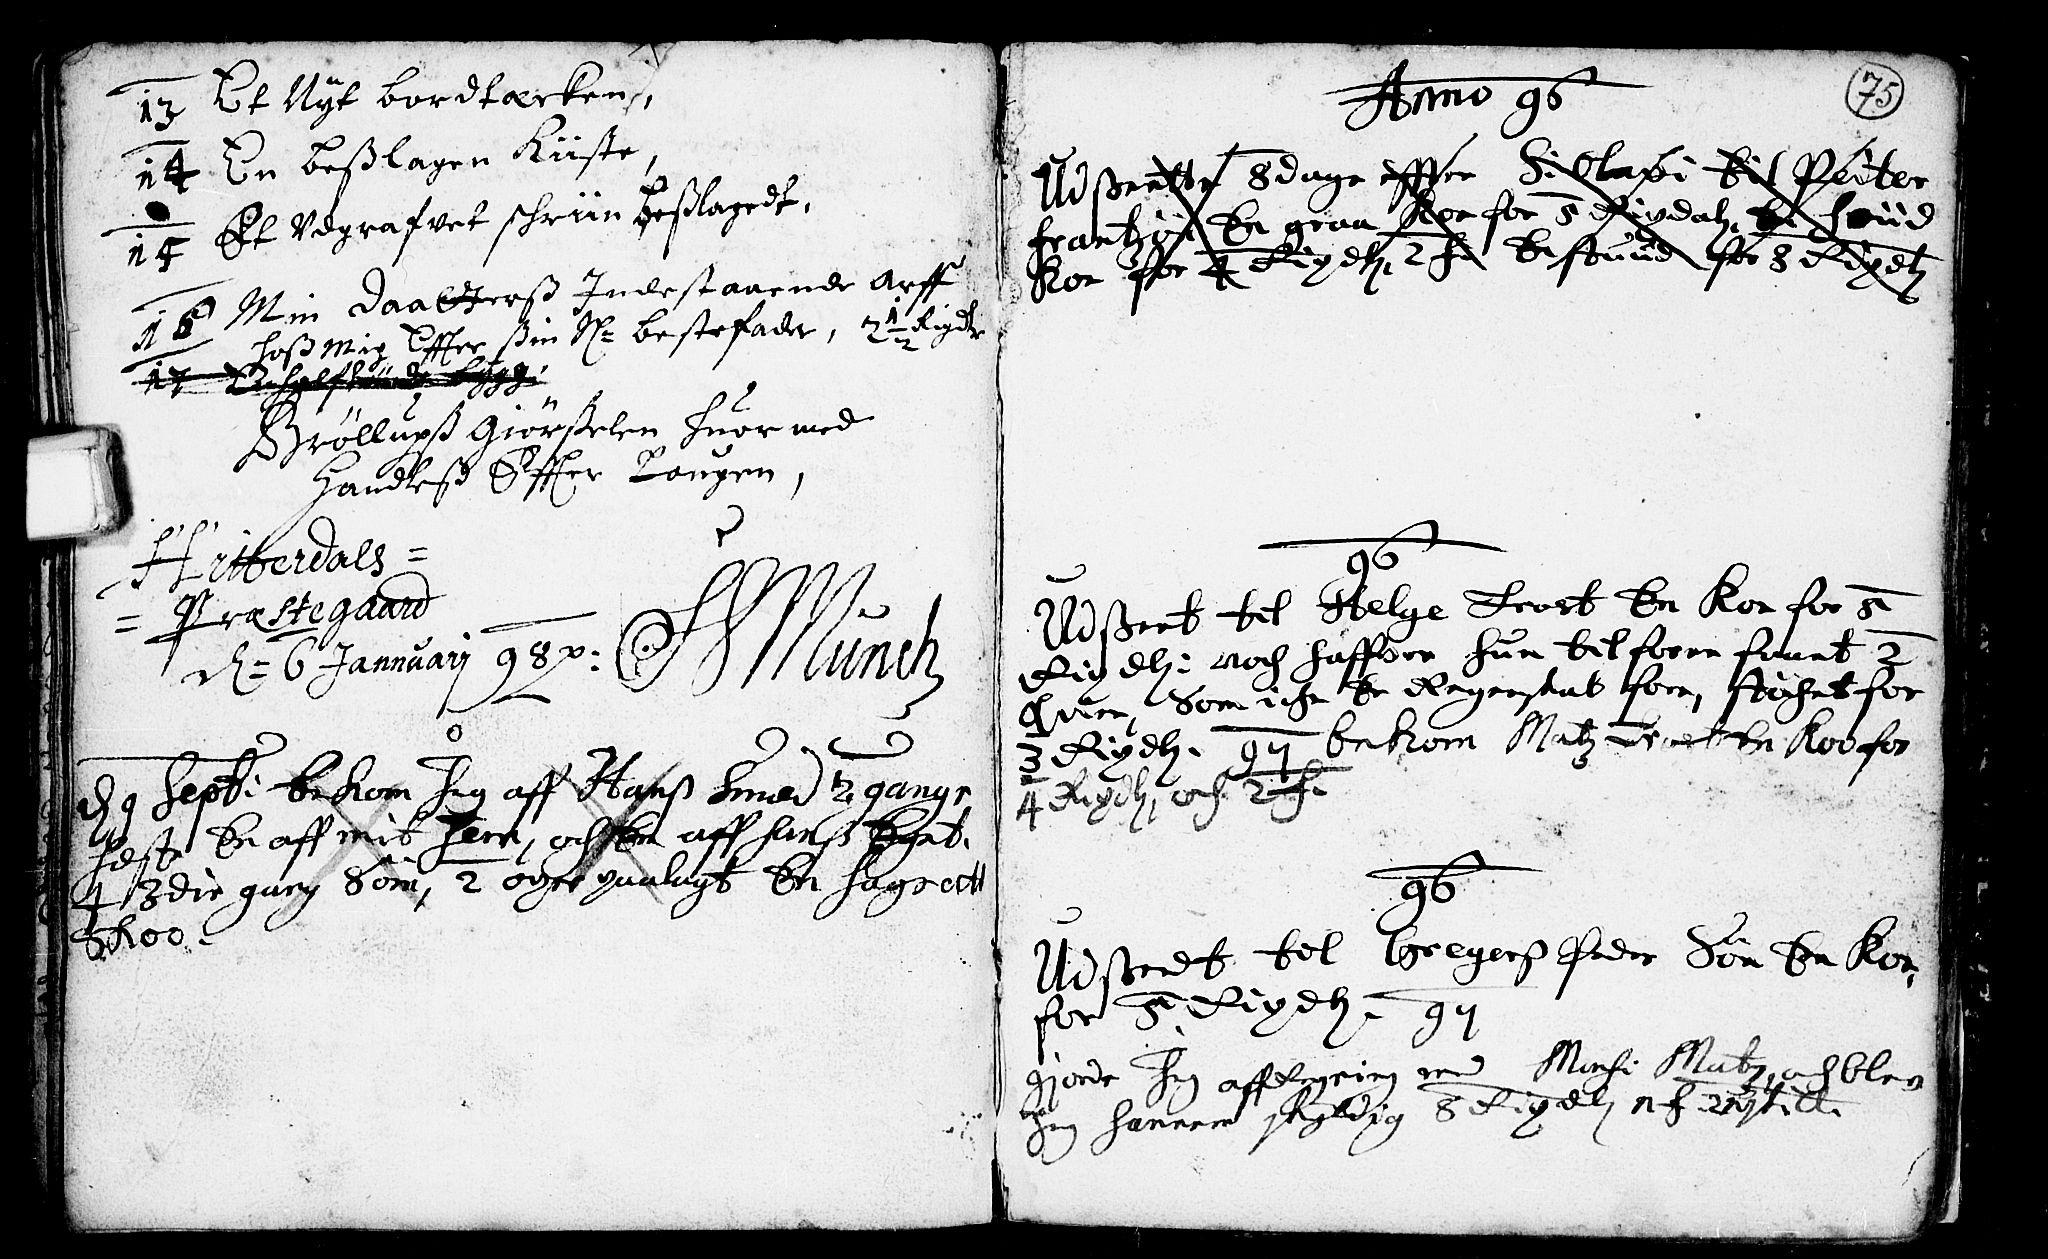 SAKO, Heddal kirkebøker, F/Fa/L0001: Ministerialbok nr. I 1, 1648-1699, s. 75